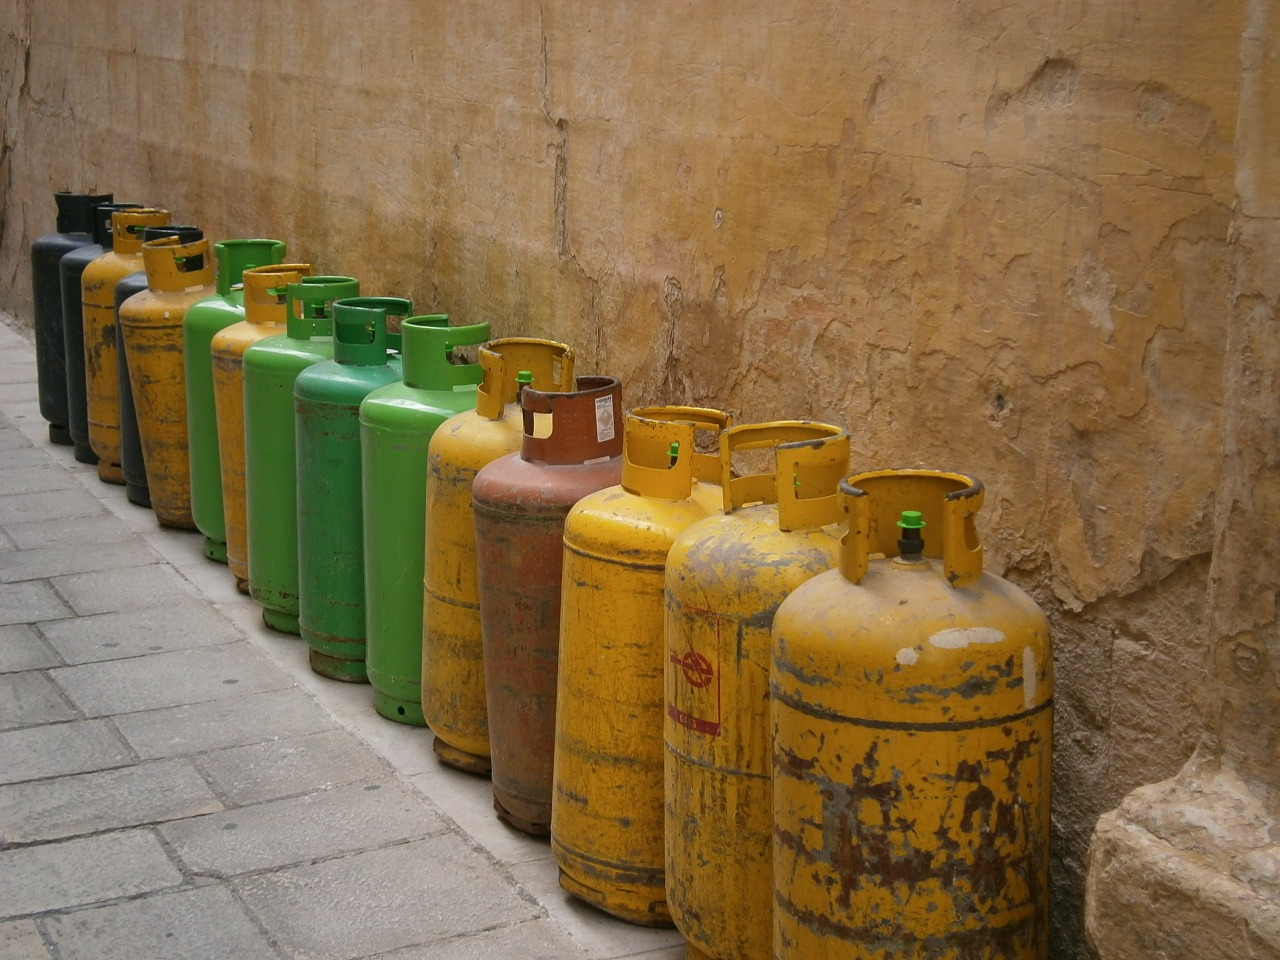 Jedan se nakrao plinskih boca u Donjem Miholjcu, a drugi ukrao više prostornih metara hrast